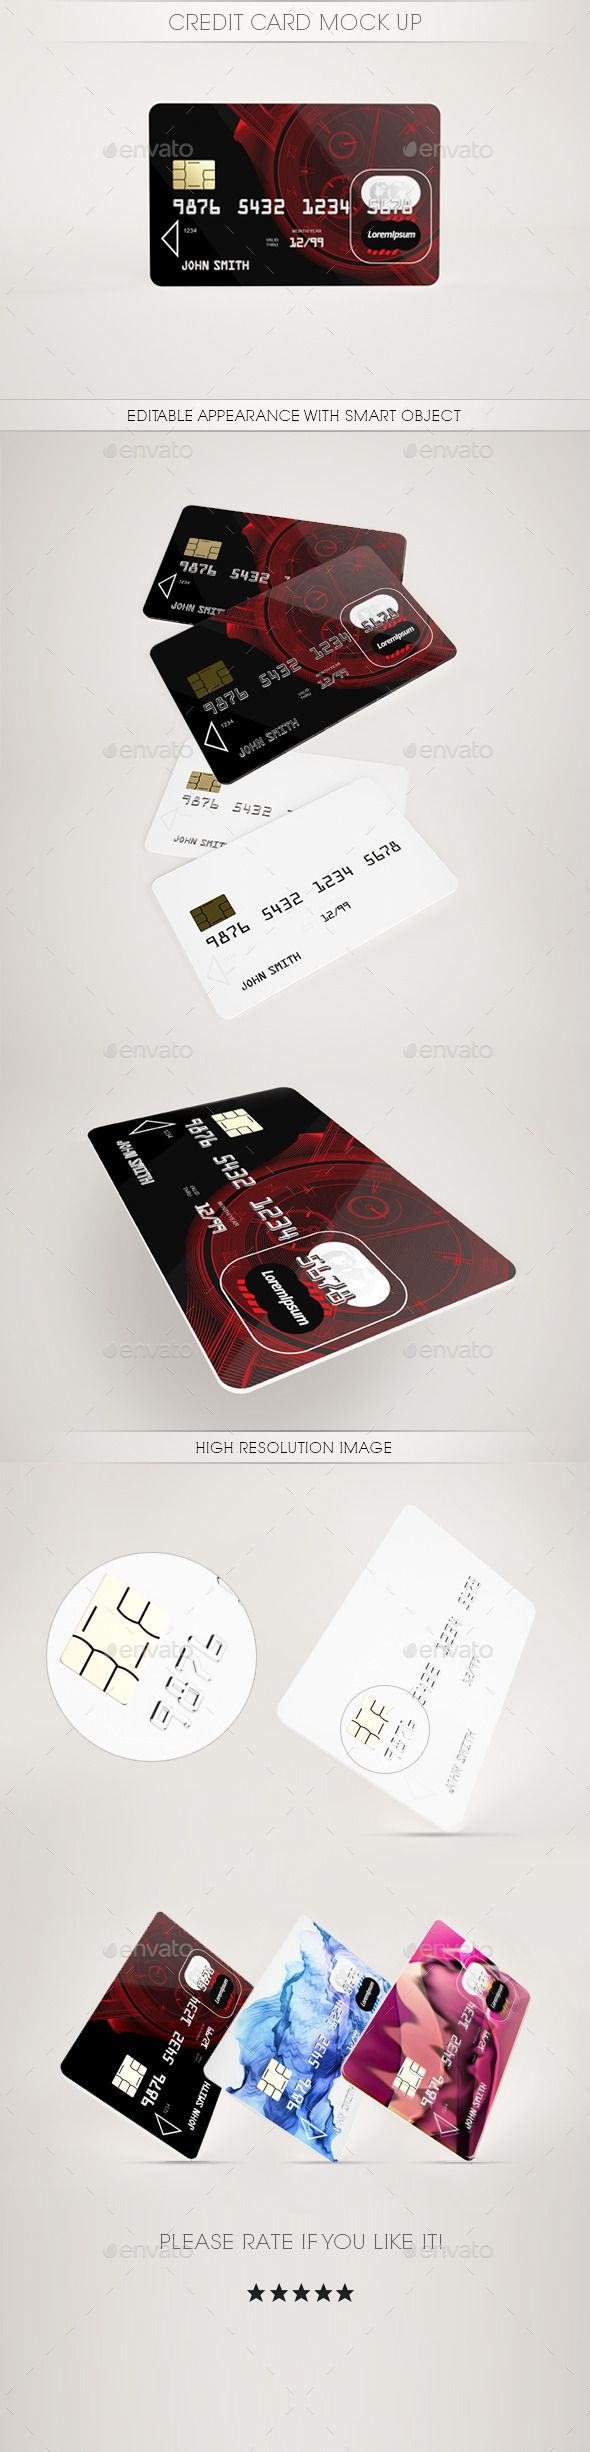 Credit Card MockUp #design Download: http://graphicriver.net/item/credit-card-mock-up/11718045?ref=ksioks